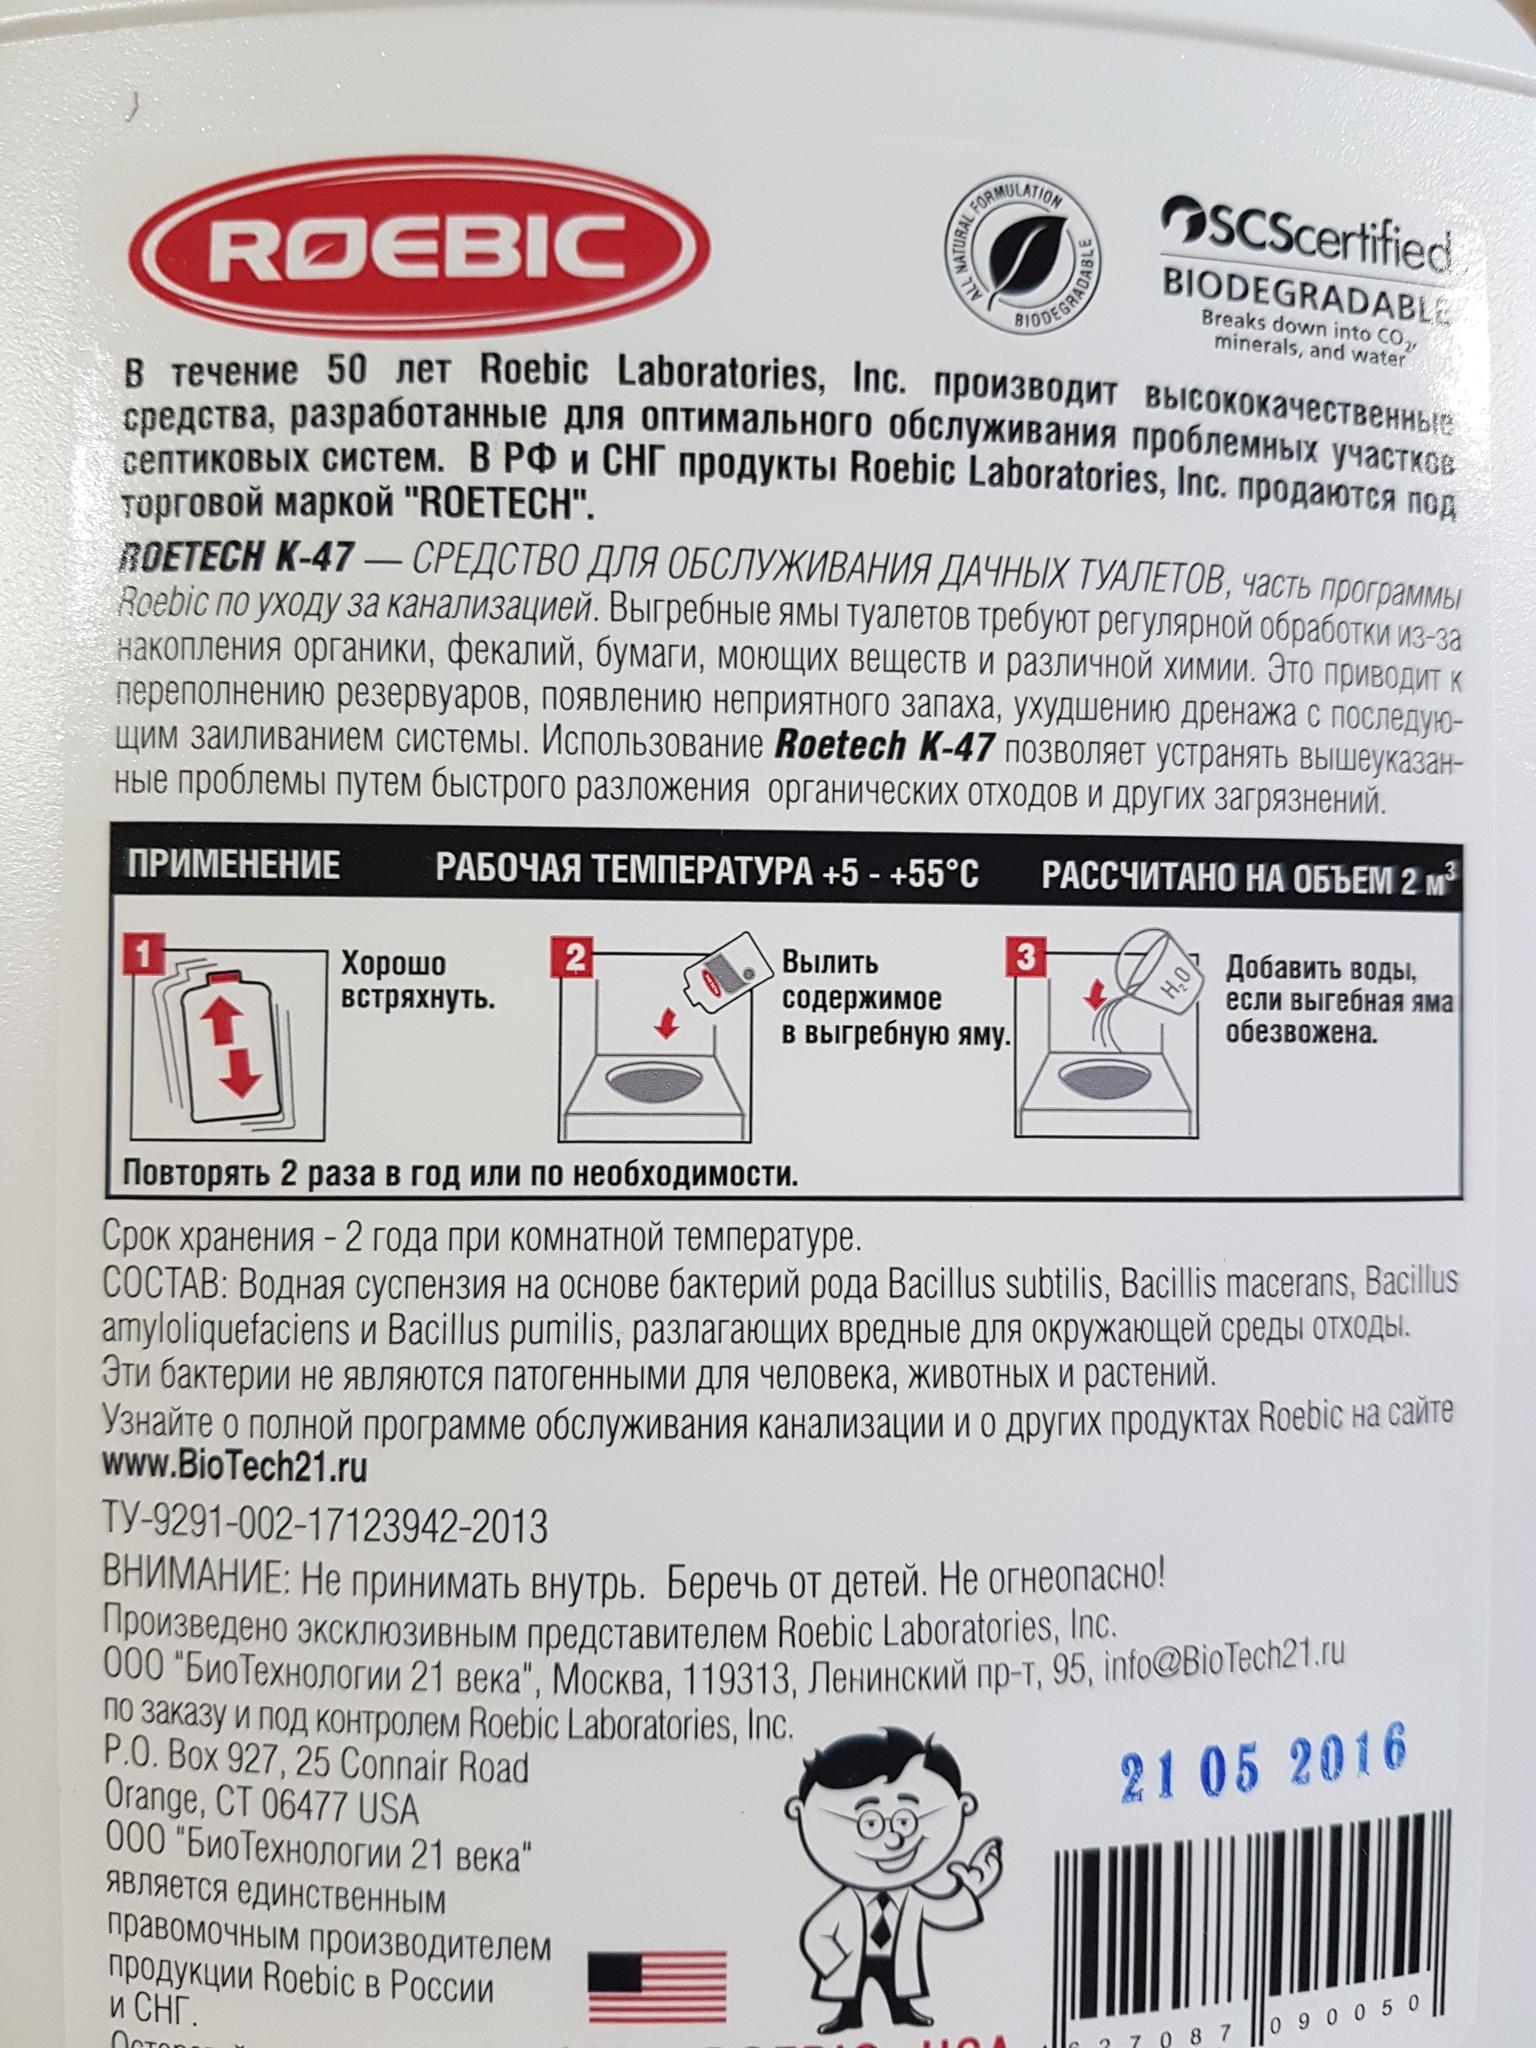 Описание Rоetech-К47